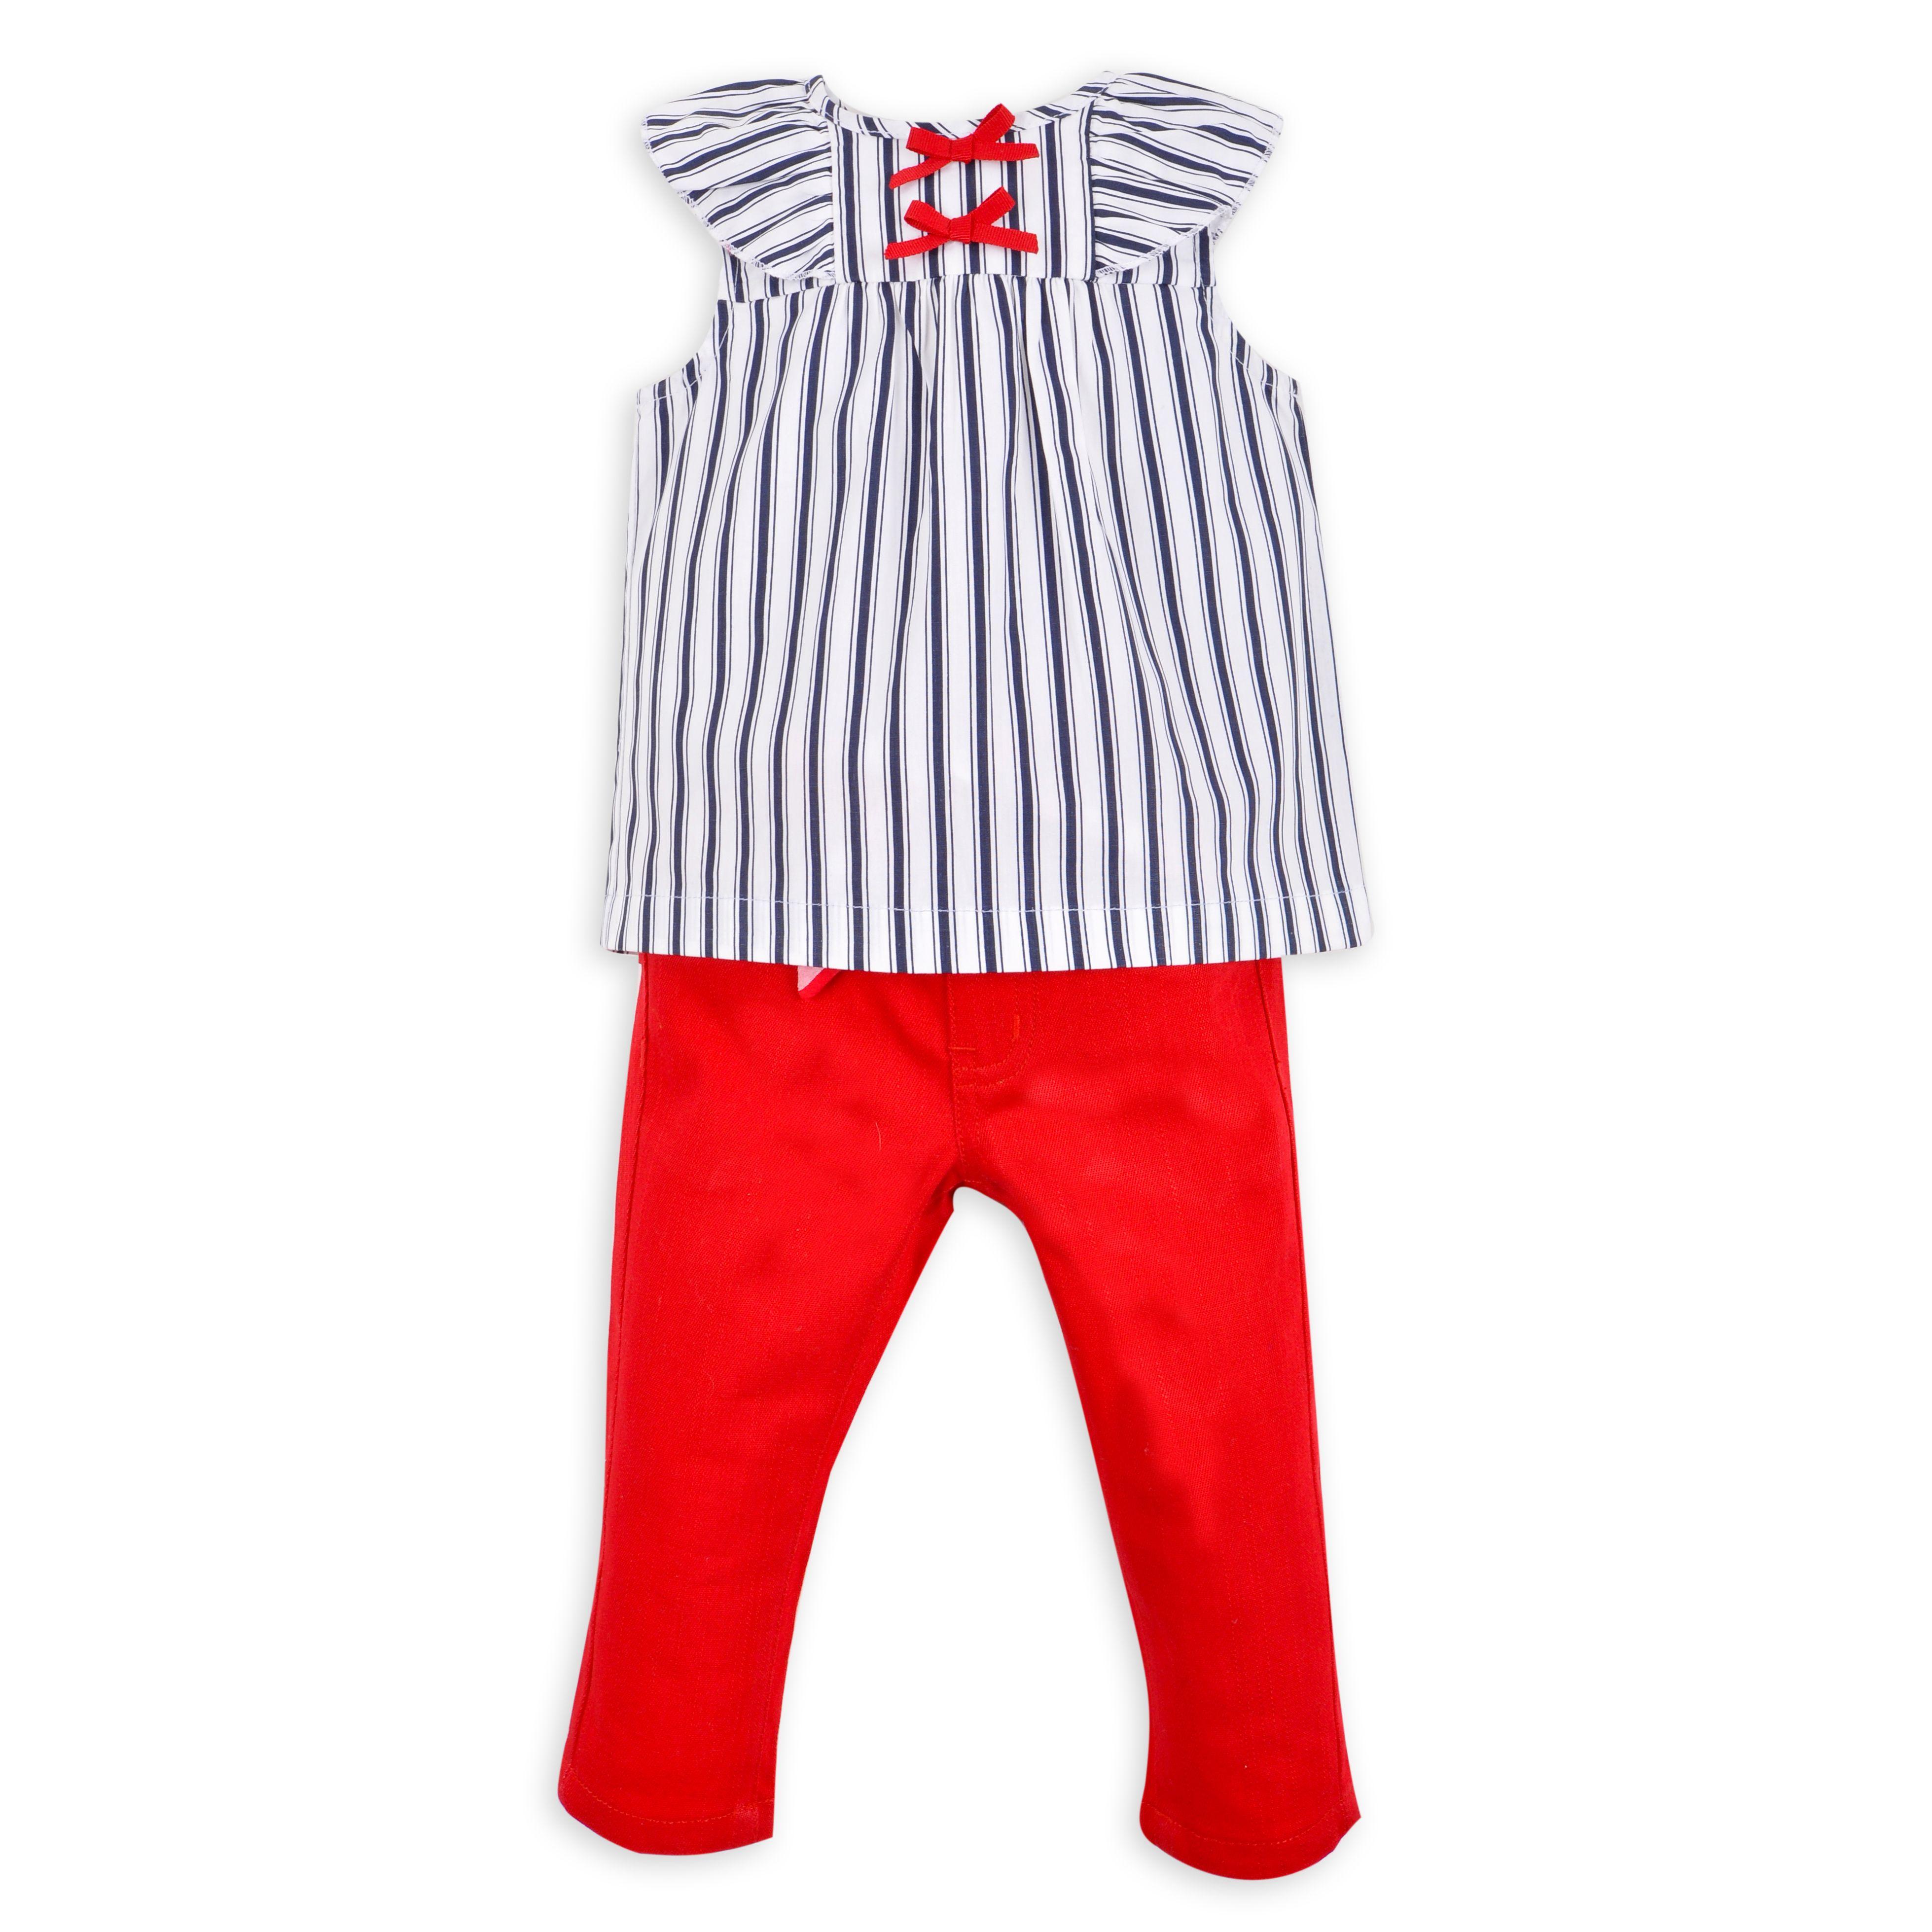 961e435e3 Blusa EPK para bebé niña, de rayas blancas y azul marino. | infantil ...